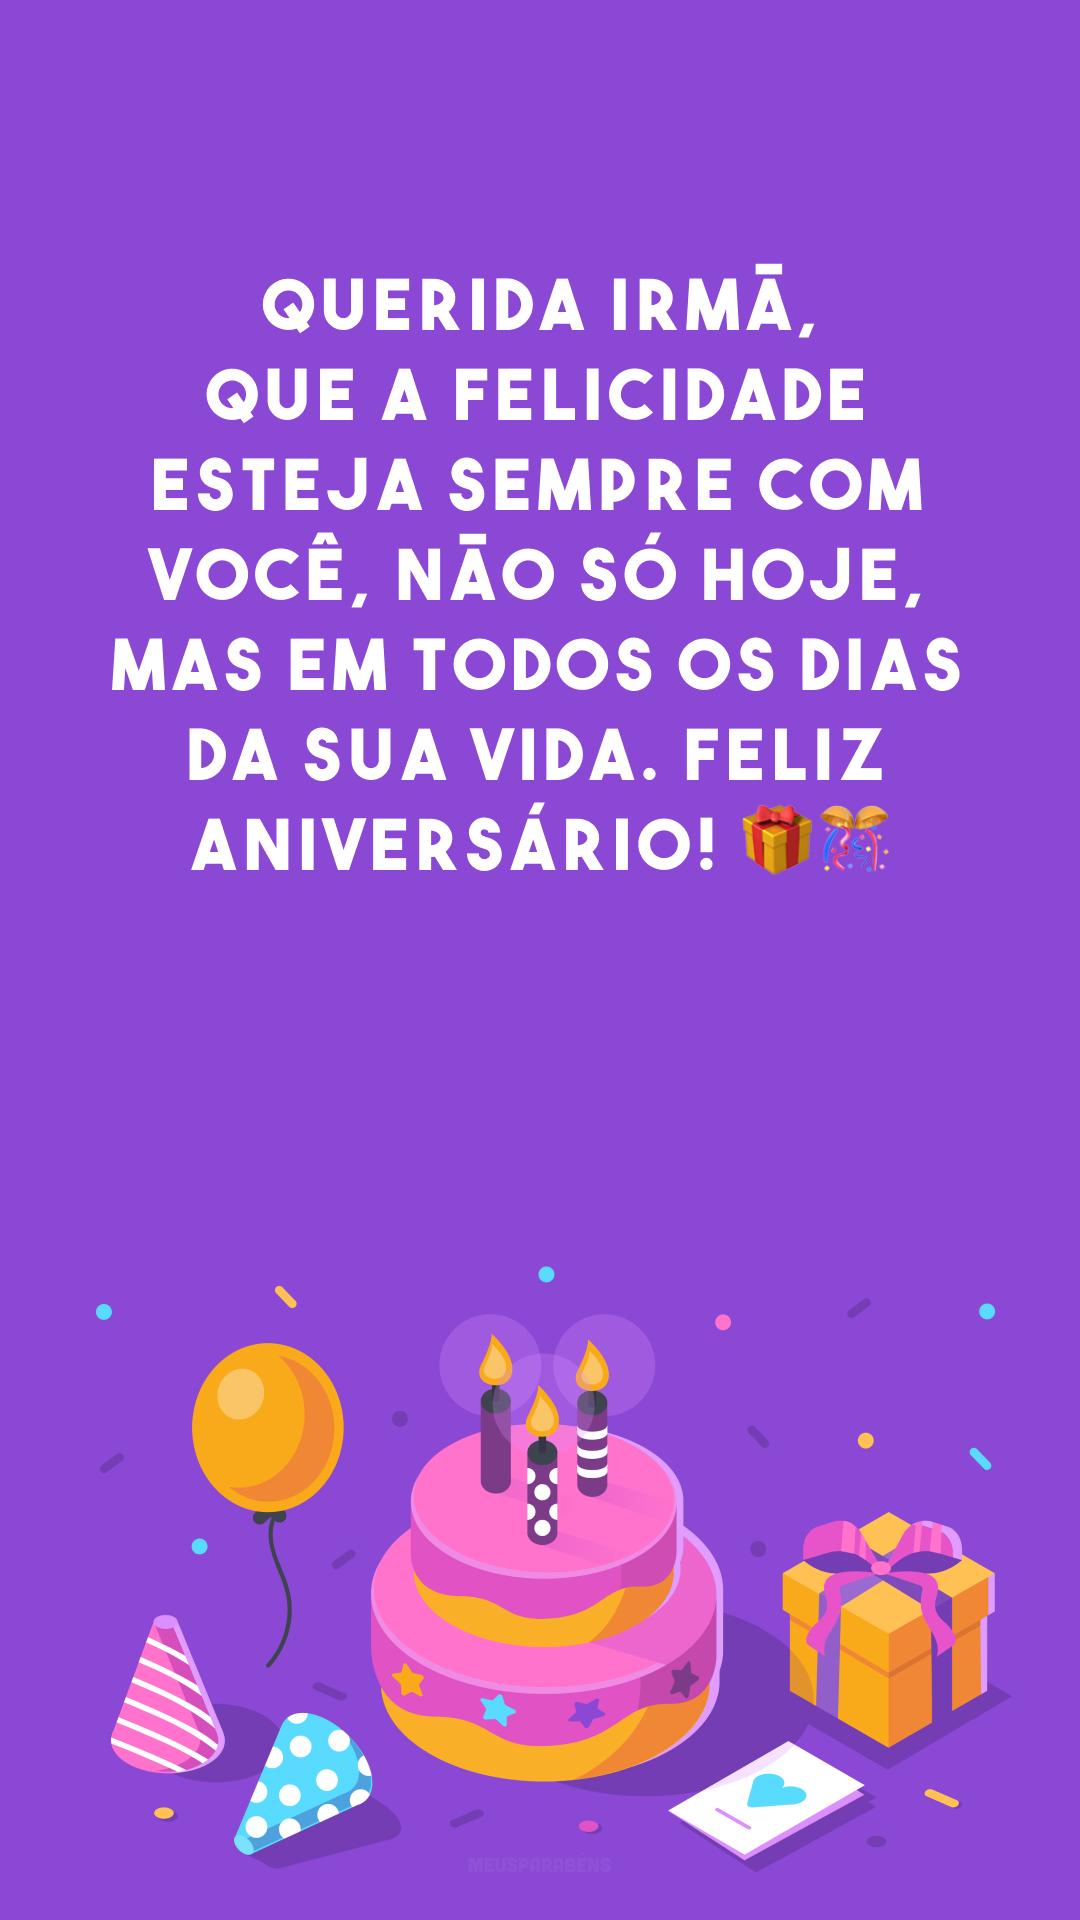 Querida irmã, que a felicidade esteja sempre com você, não só hoje, mas em todos os dias da sua vida. Feliz aniversário! 🎁🎊